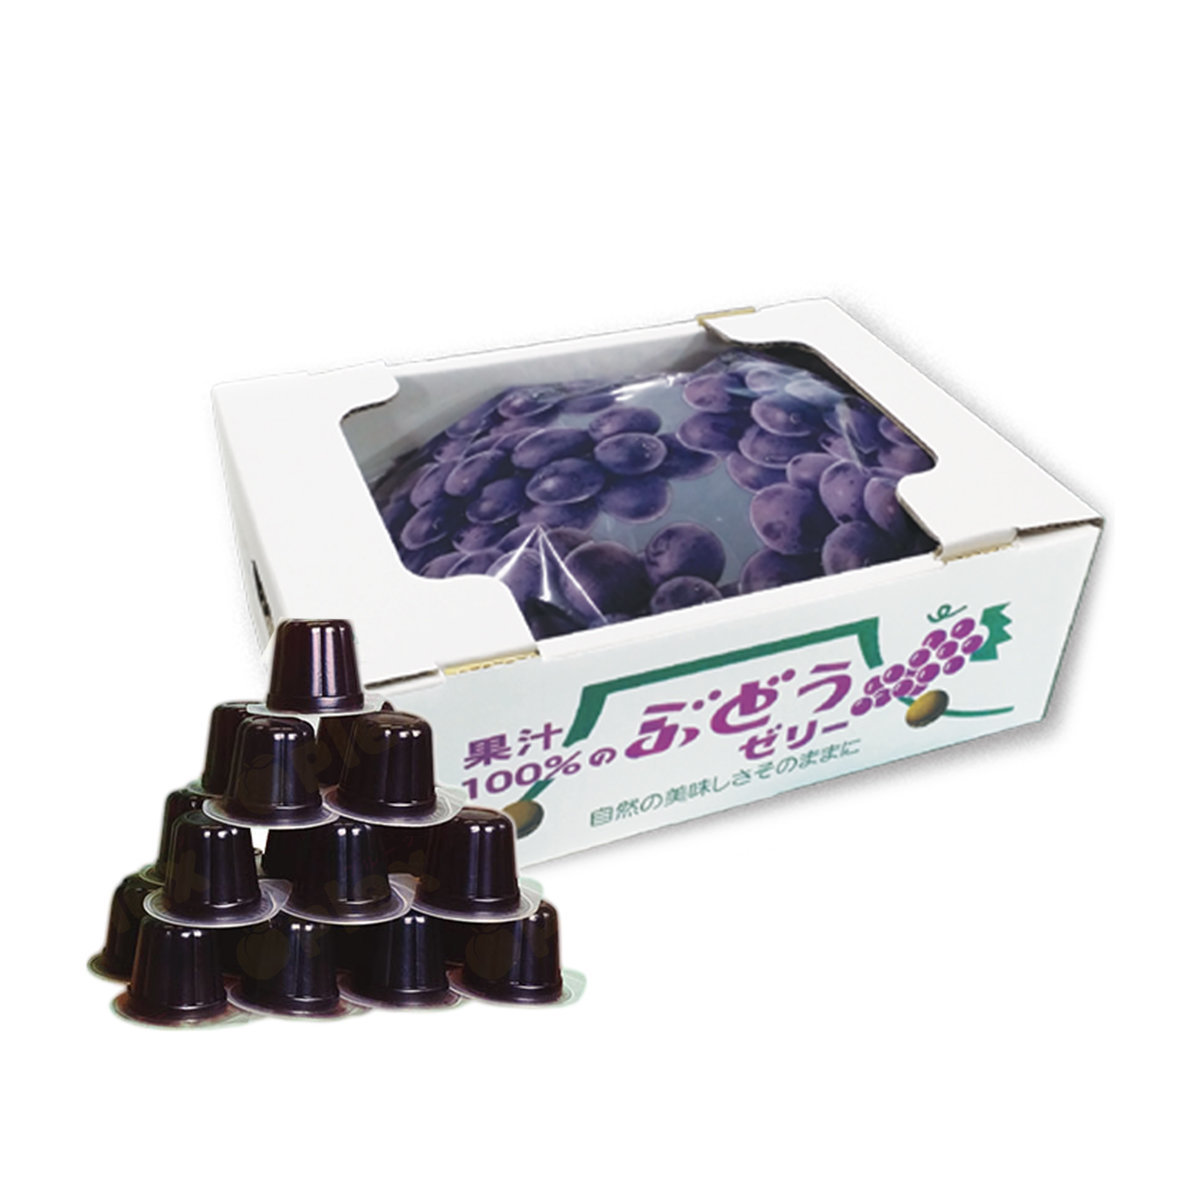 和歌山 100% 果汁果凍 - 巨峰味 (23粒)